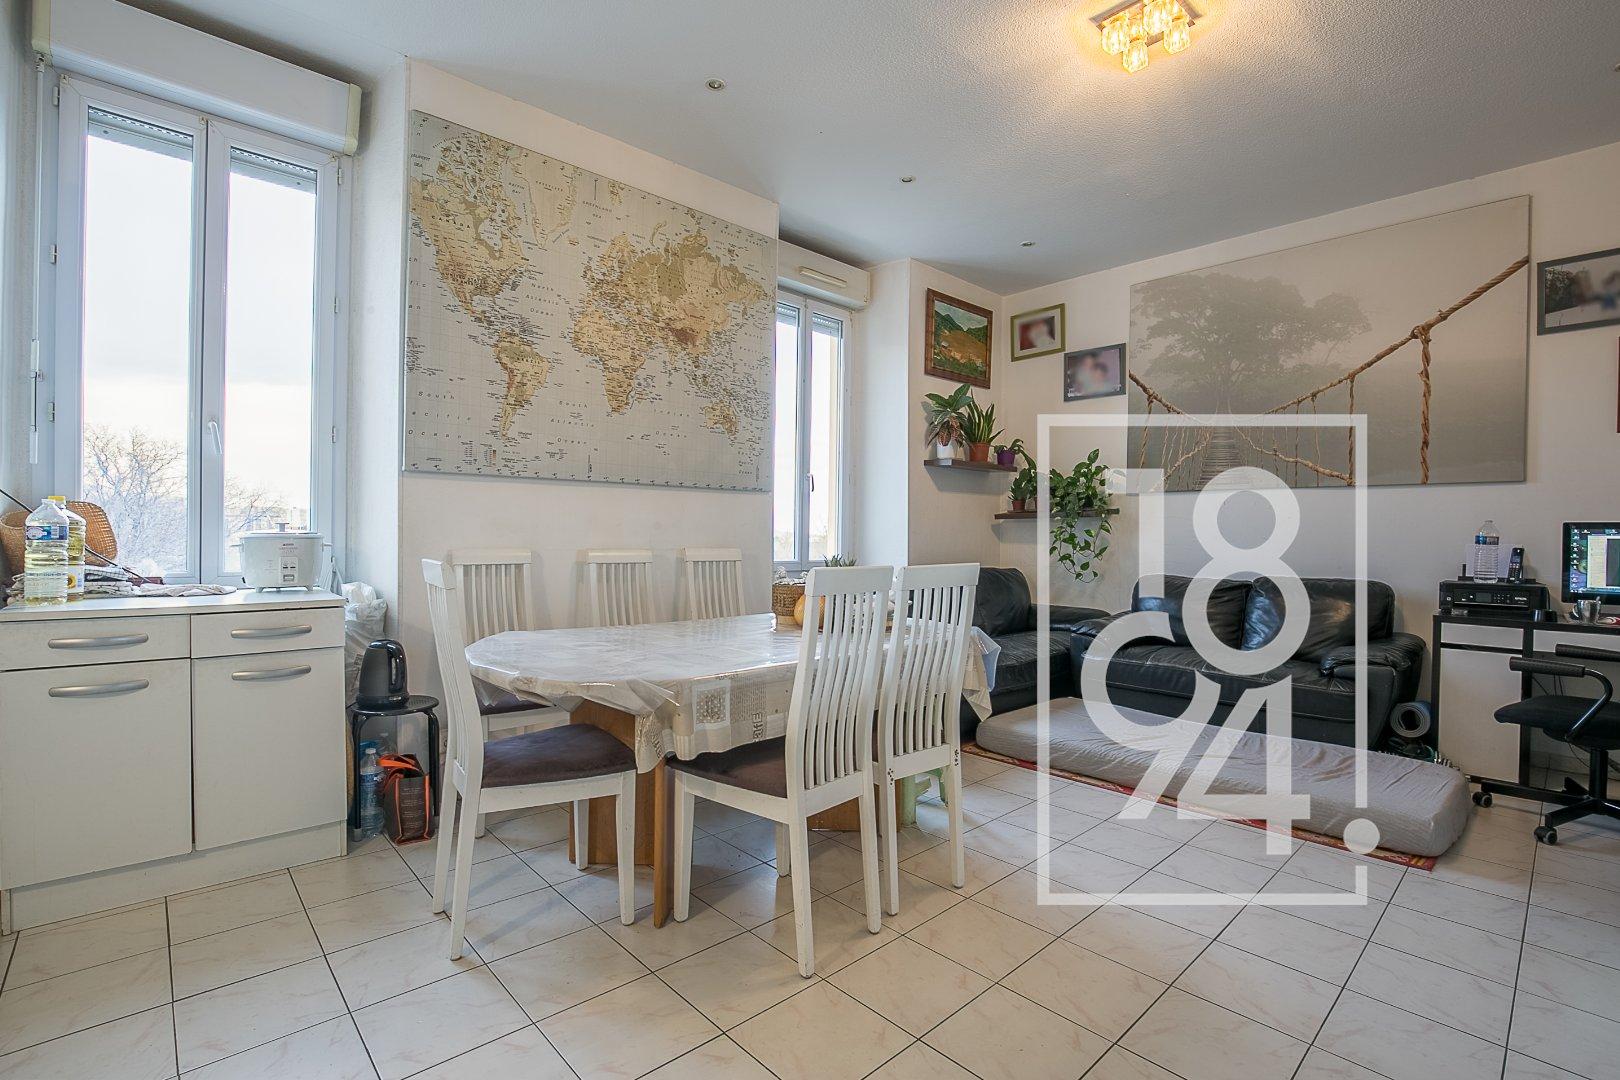 INVESTISSEMENT = T4 de 63 m² avec parking VENDU LOUE - LA POMME